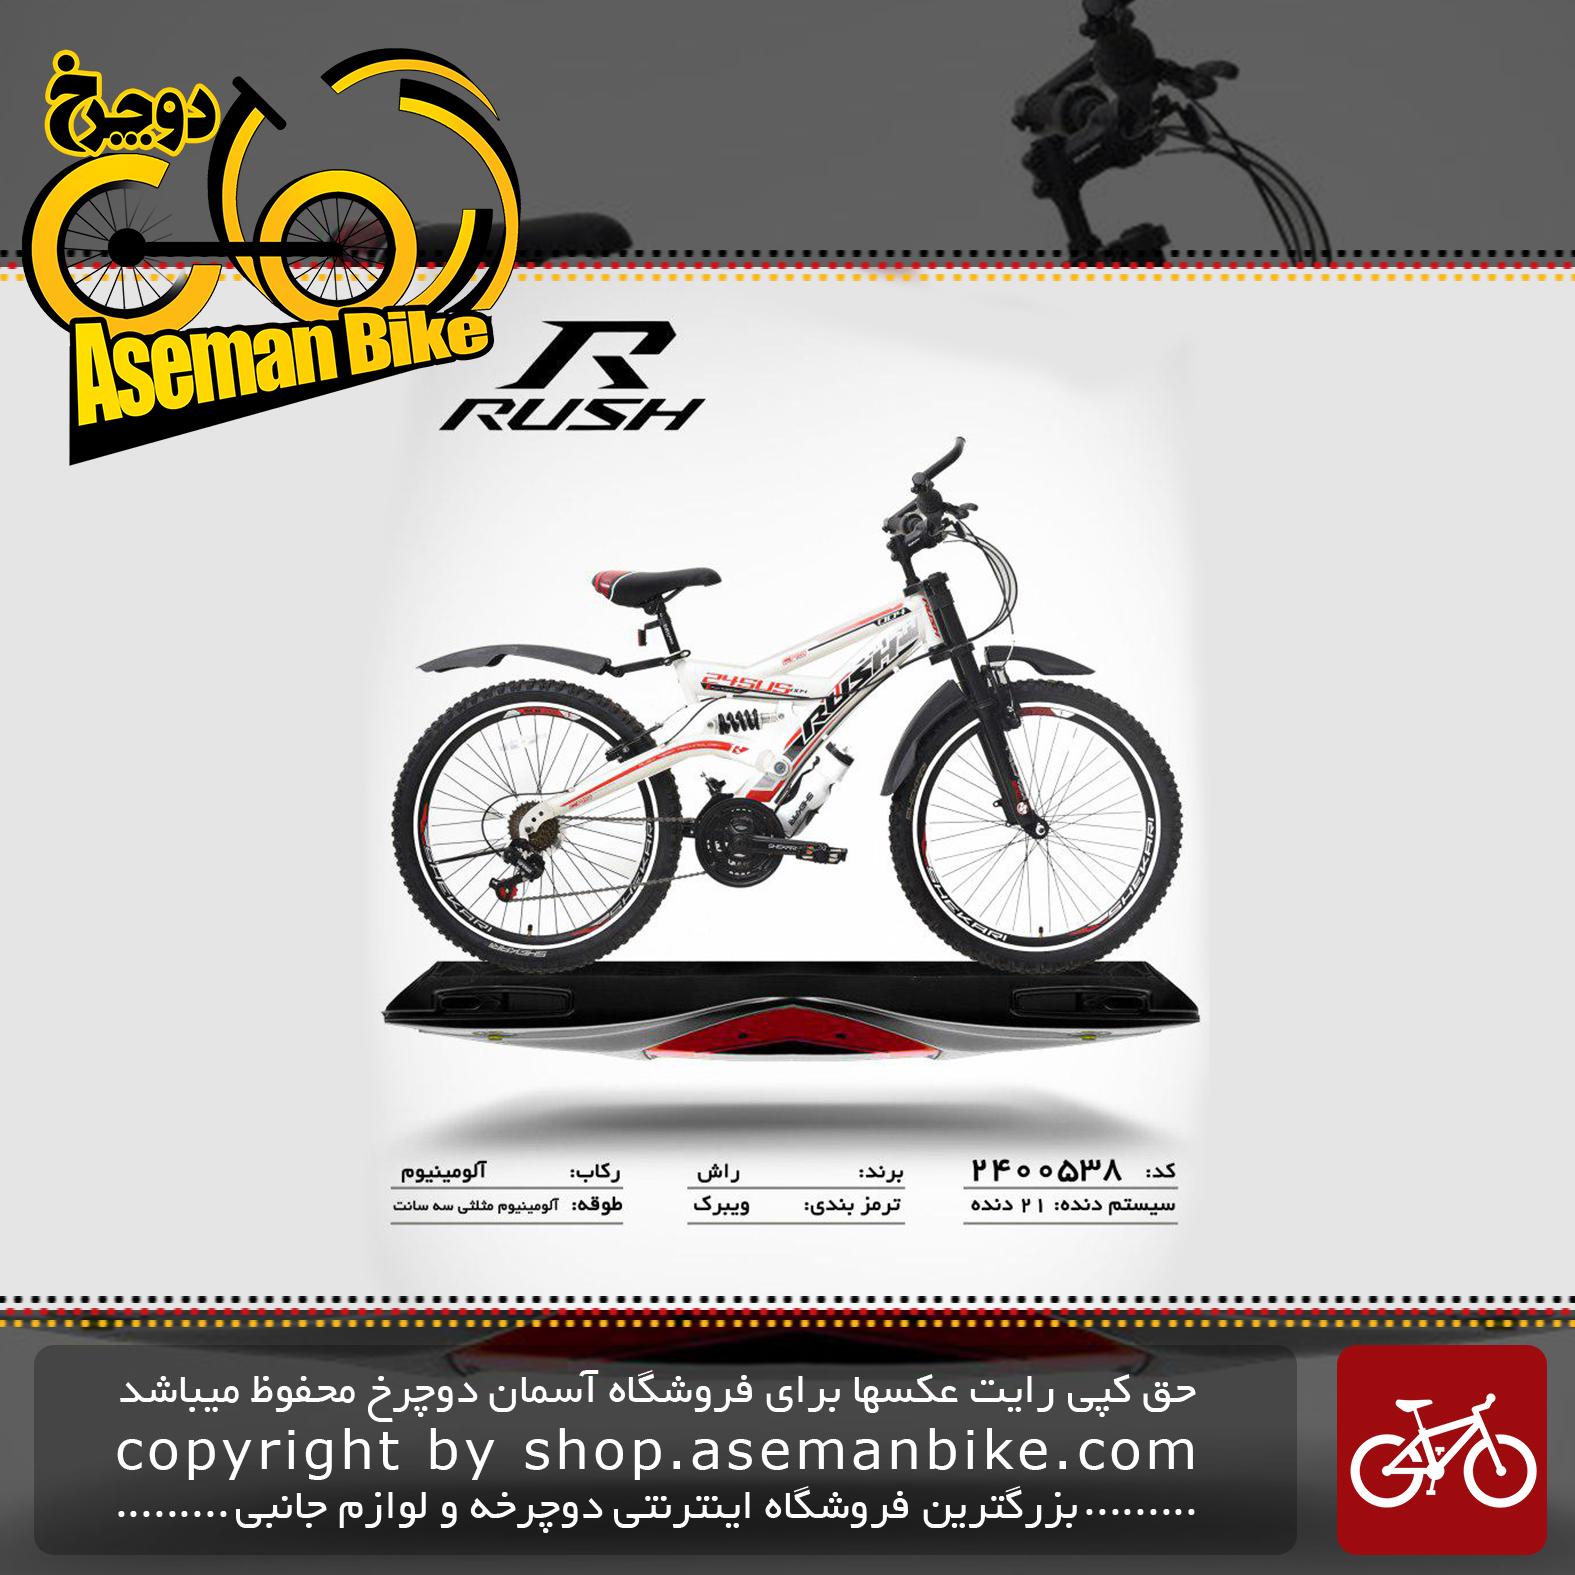 دوچرخه راش تایوان دو کمک 21دنده مدل 38سایز 24 RUSH Bicycle 38Size 24 speed21 2019